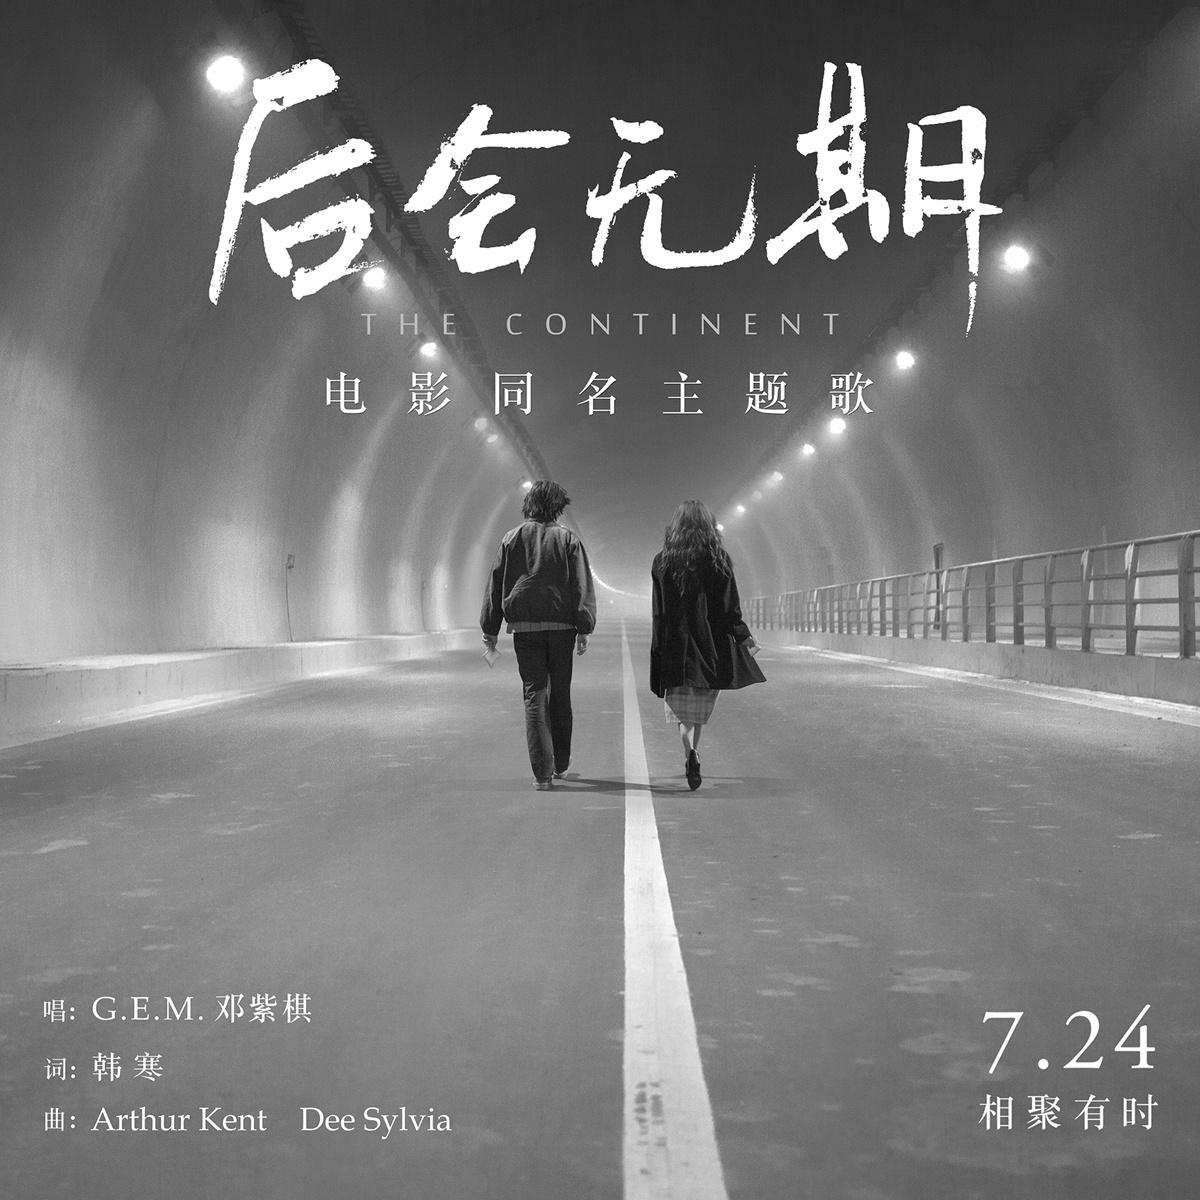 郑秀文2014演唱会_后会无期_电影海报_图集_电影网_1905.com